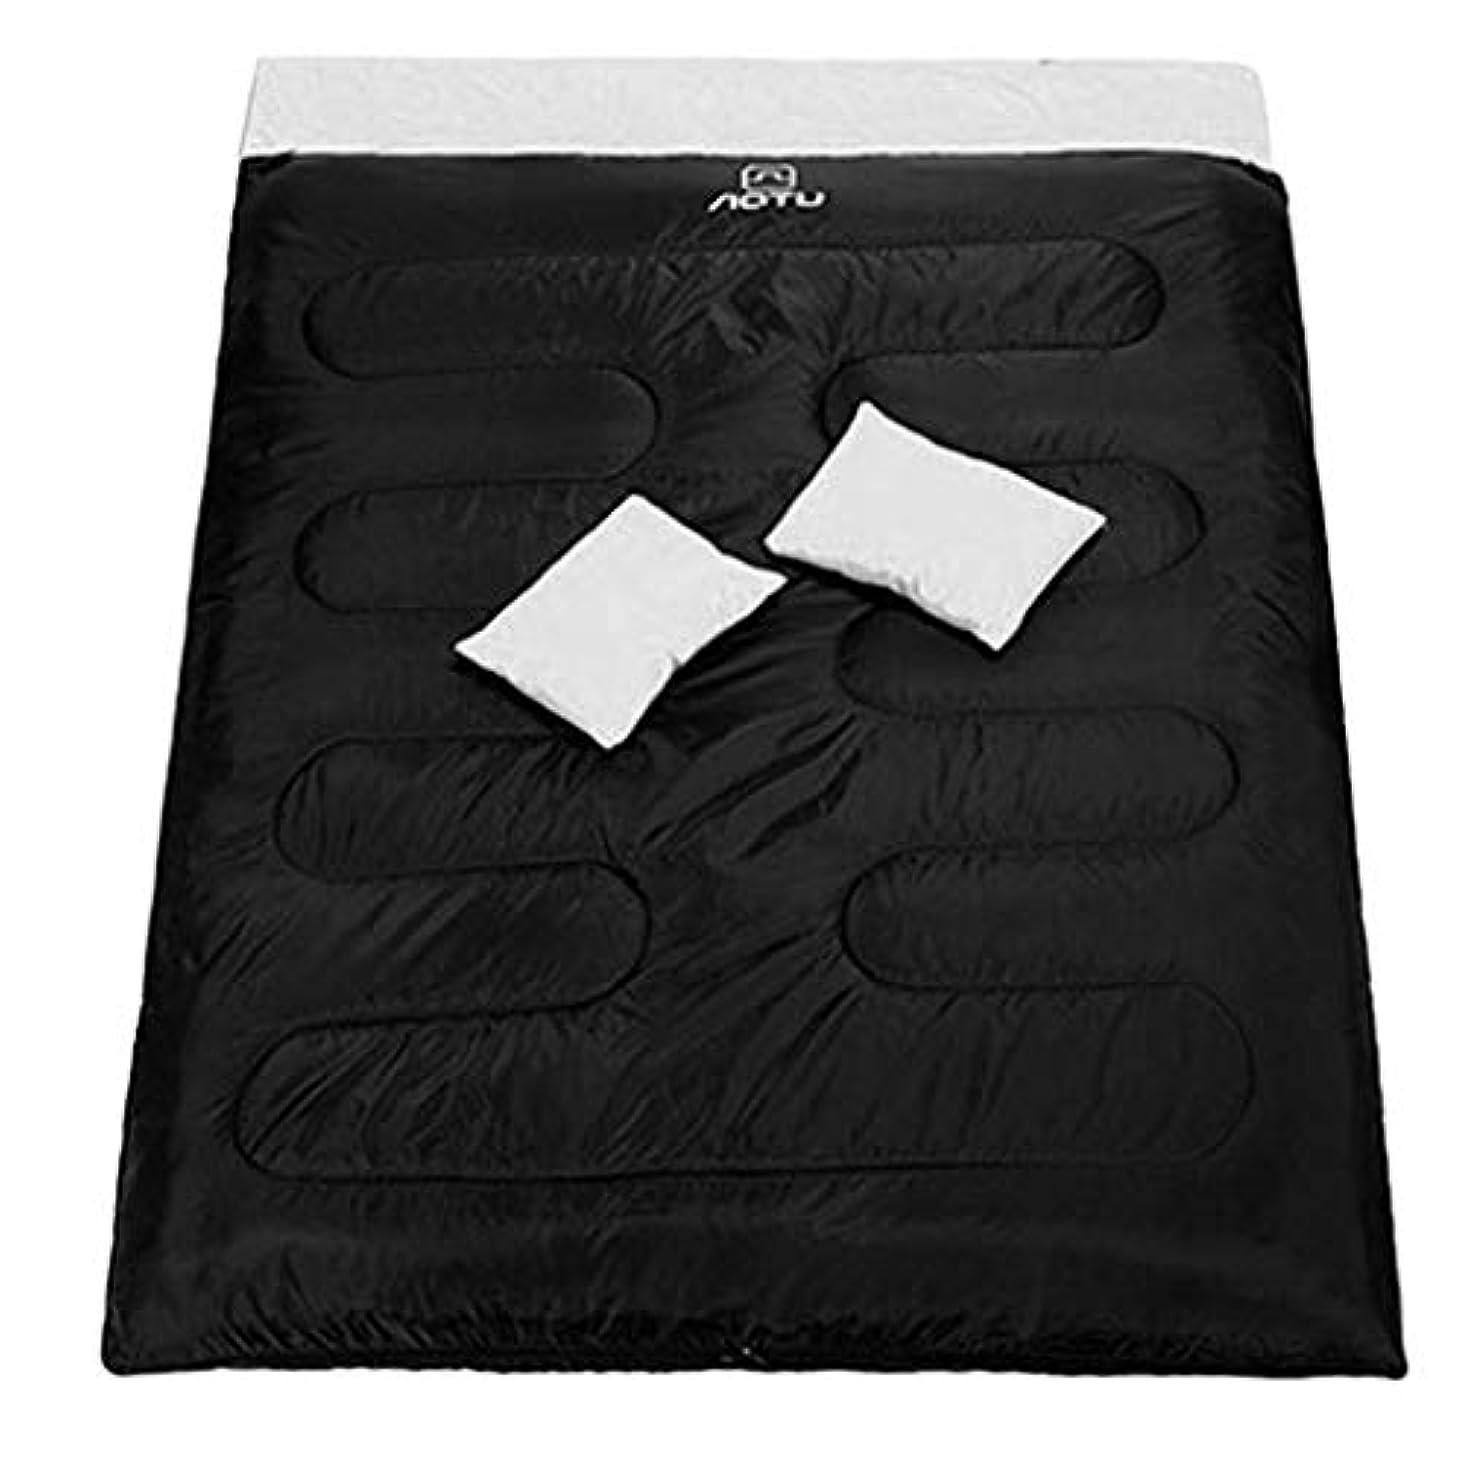 フック事業内容カリキュラムF Fityle 超軽量 寝袋 キャンプ 寝具 収納袋付き 全2色